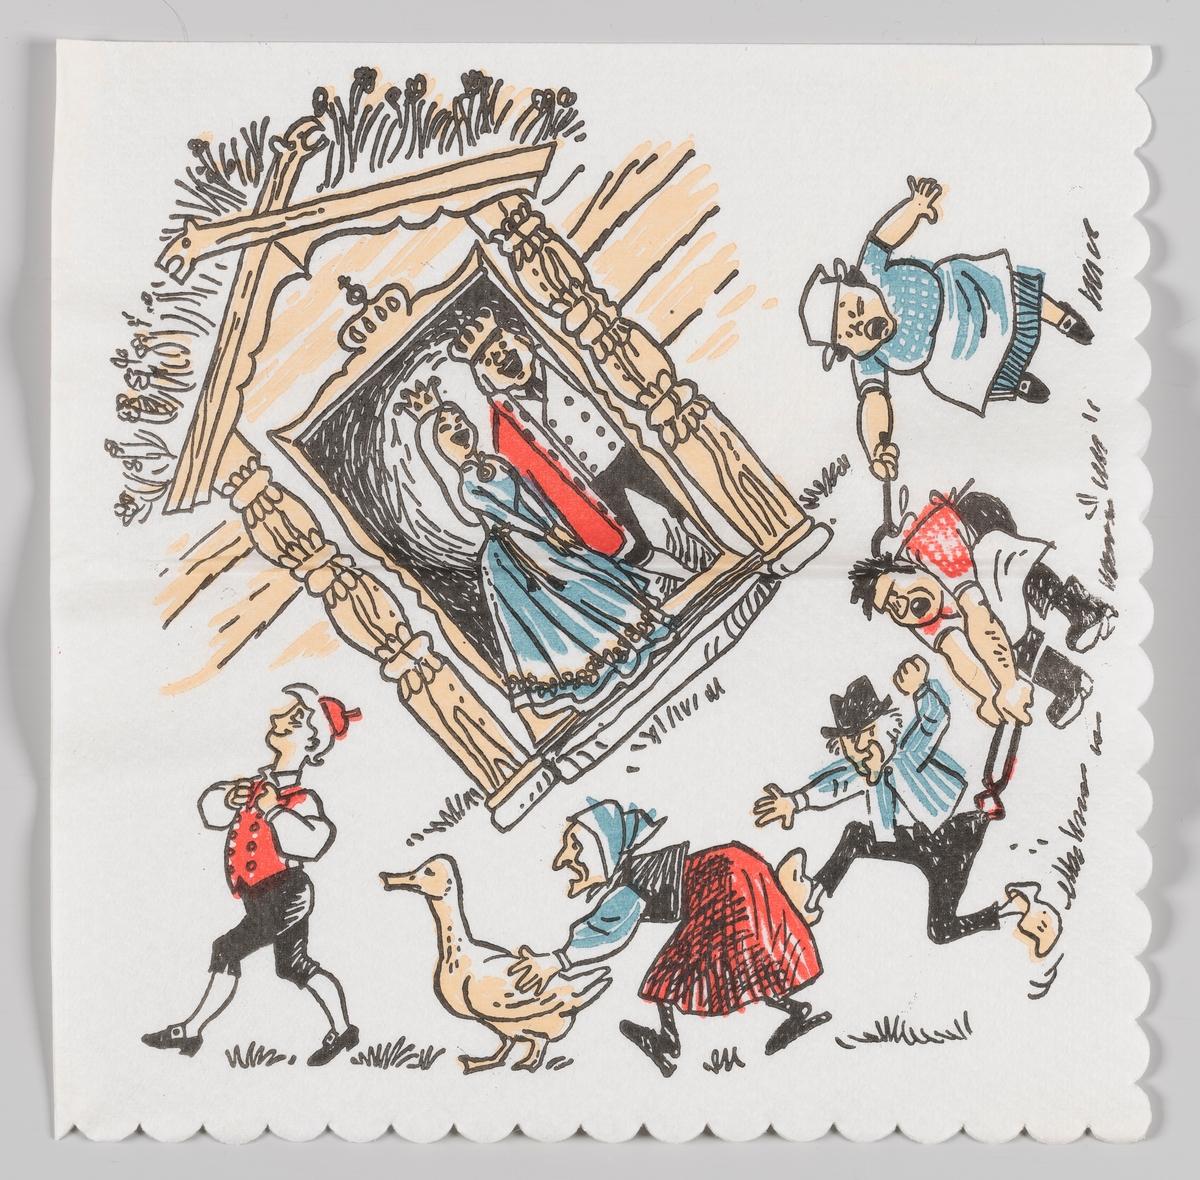 Tyrihans som fikk kongsdatteren til å le. Tyrihans går forbi på tunet fulgt av en gås og flere personer som henger sammen. Kongen og kongsdatteren står i et inngangsparti og ler av opptrinnet.